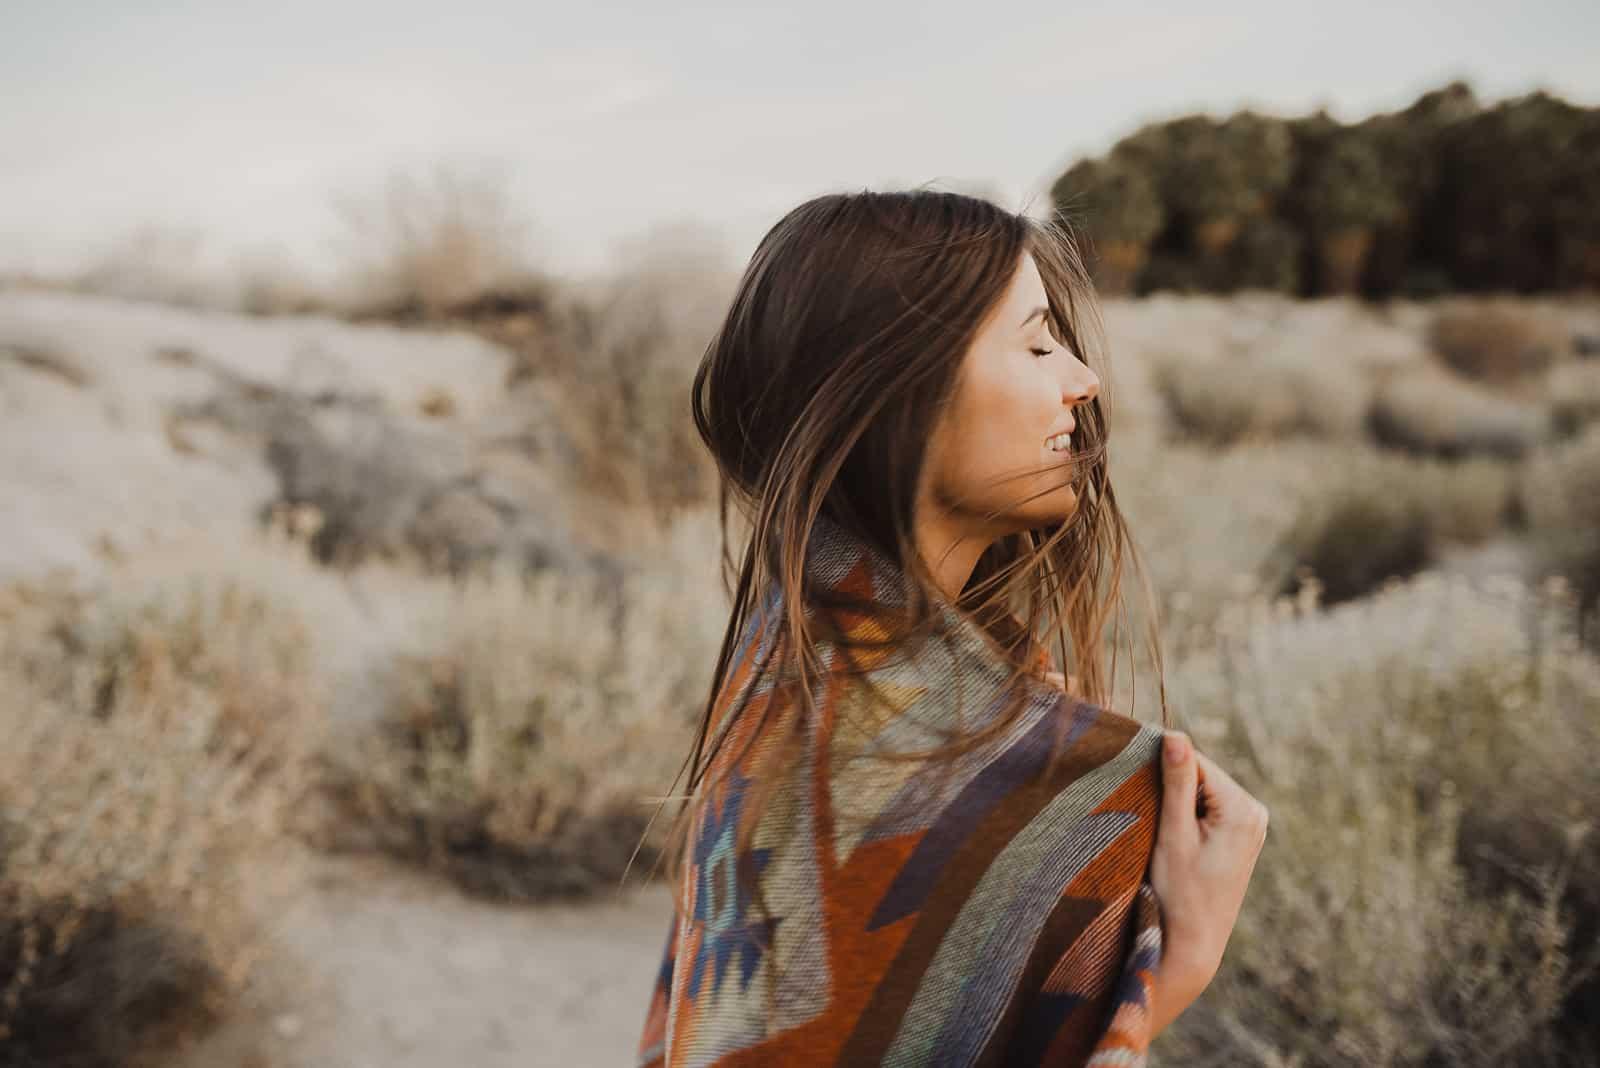 une fille couverte d'une couverture dans la nature